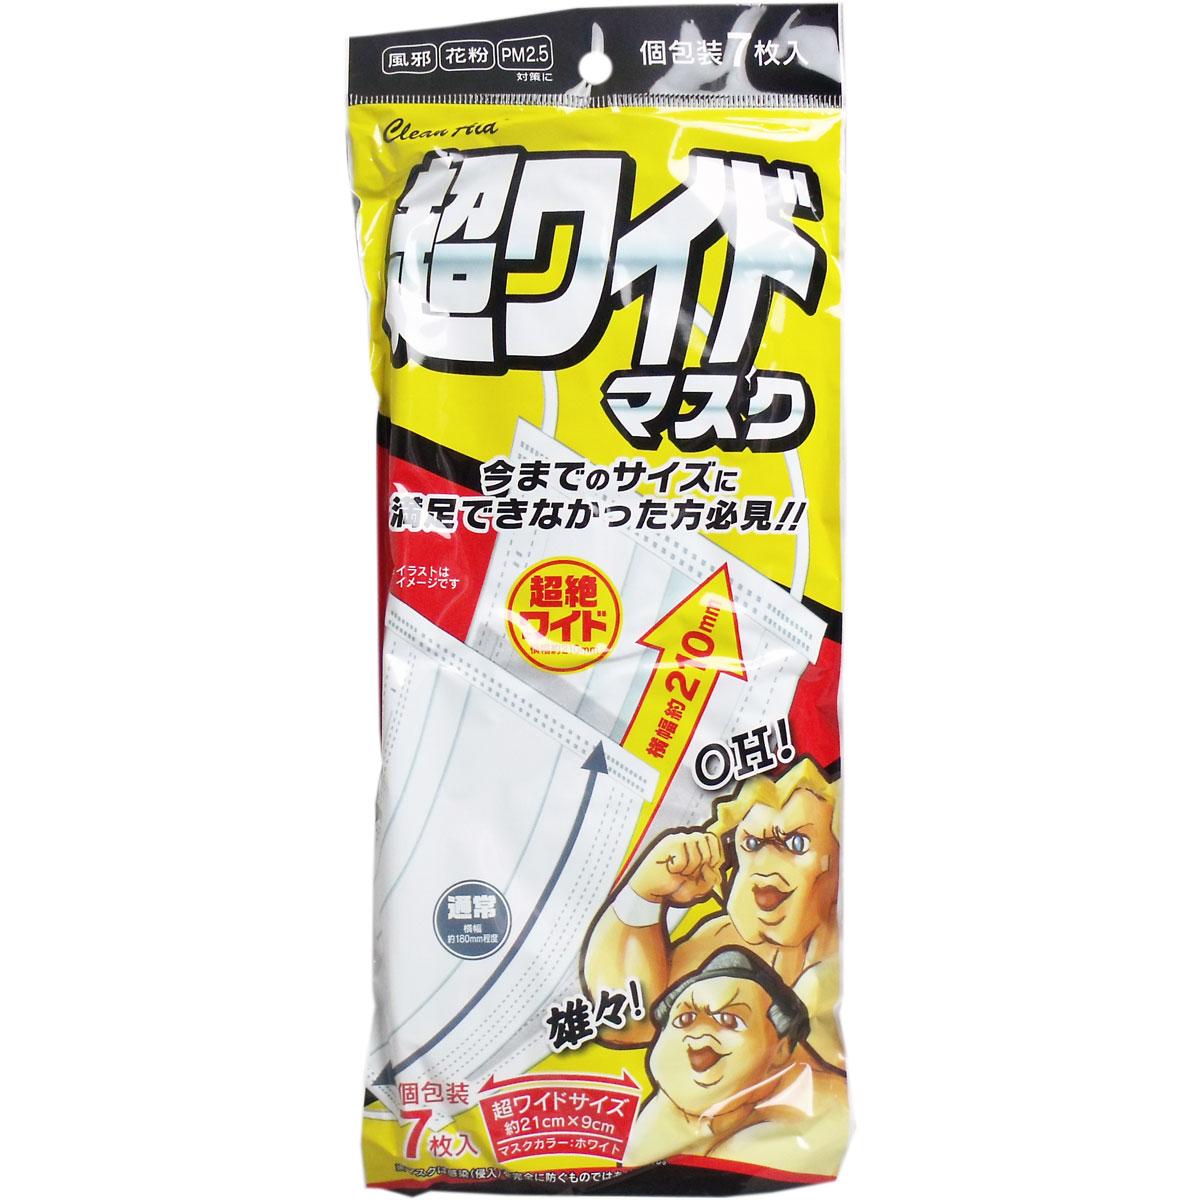 [メーカー欠品] クリーンエイド 超ワイドマスク 約21cm×9cm 個包装 7枚入